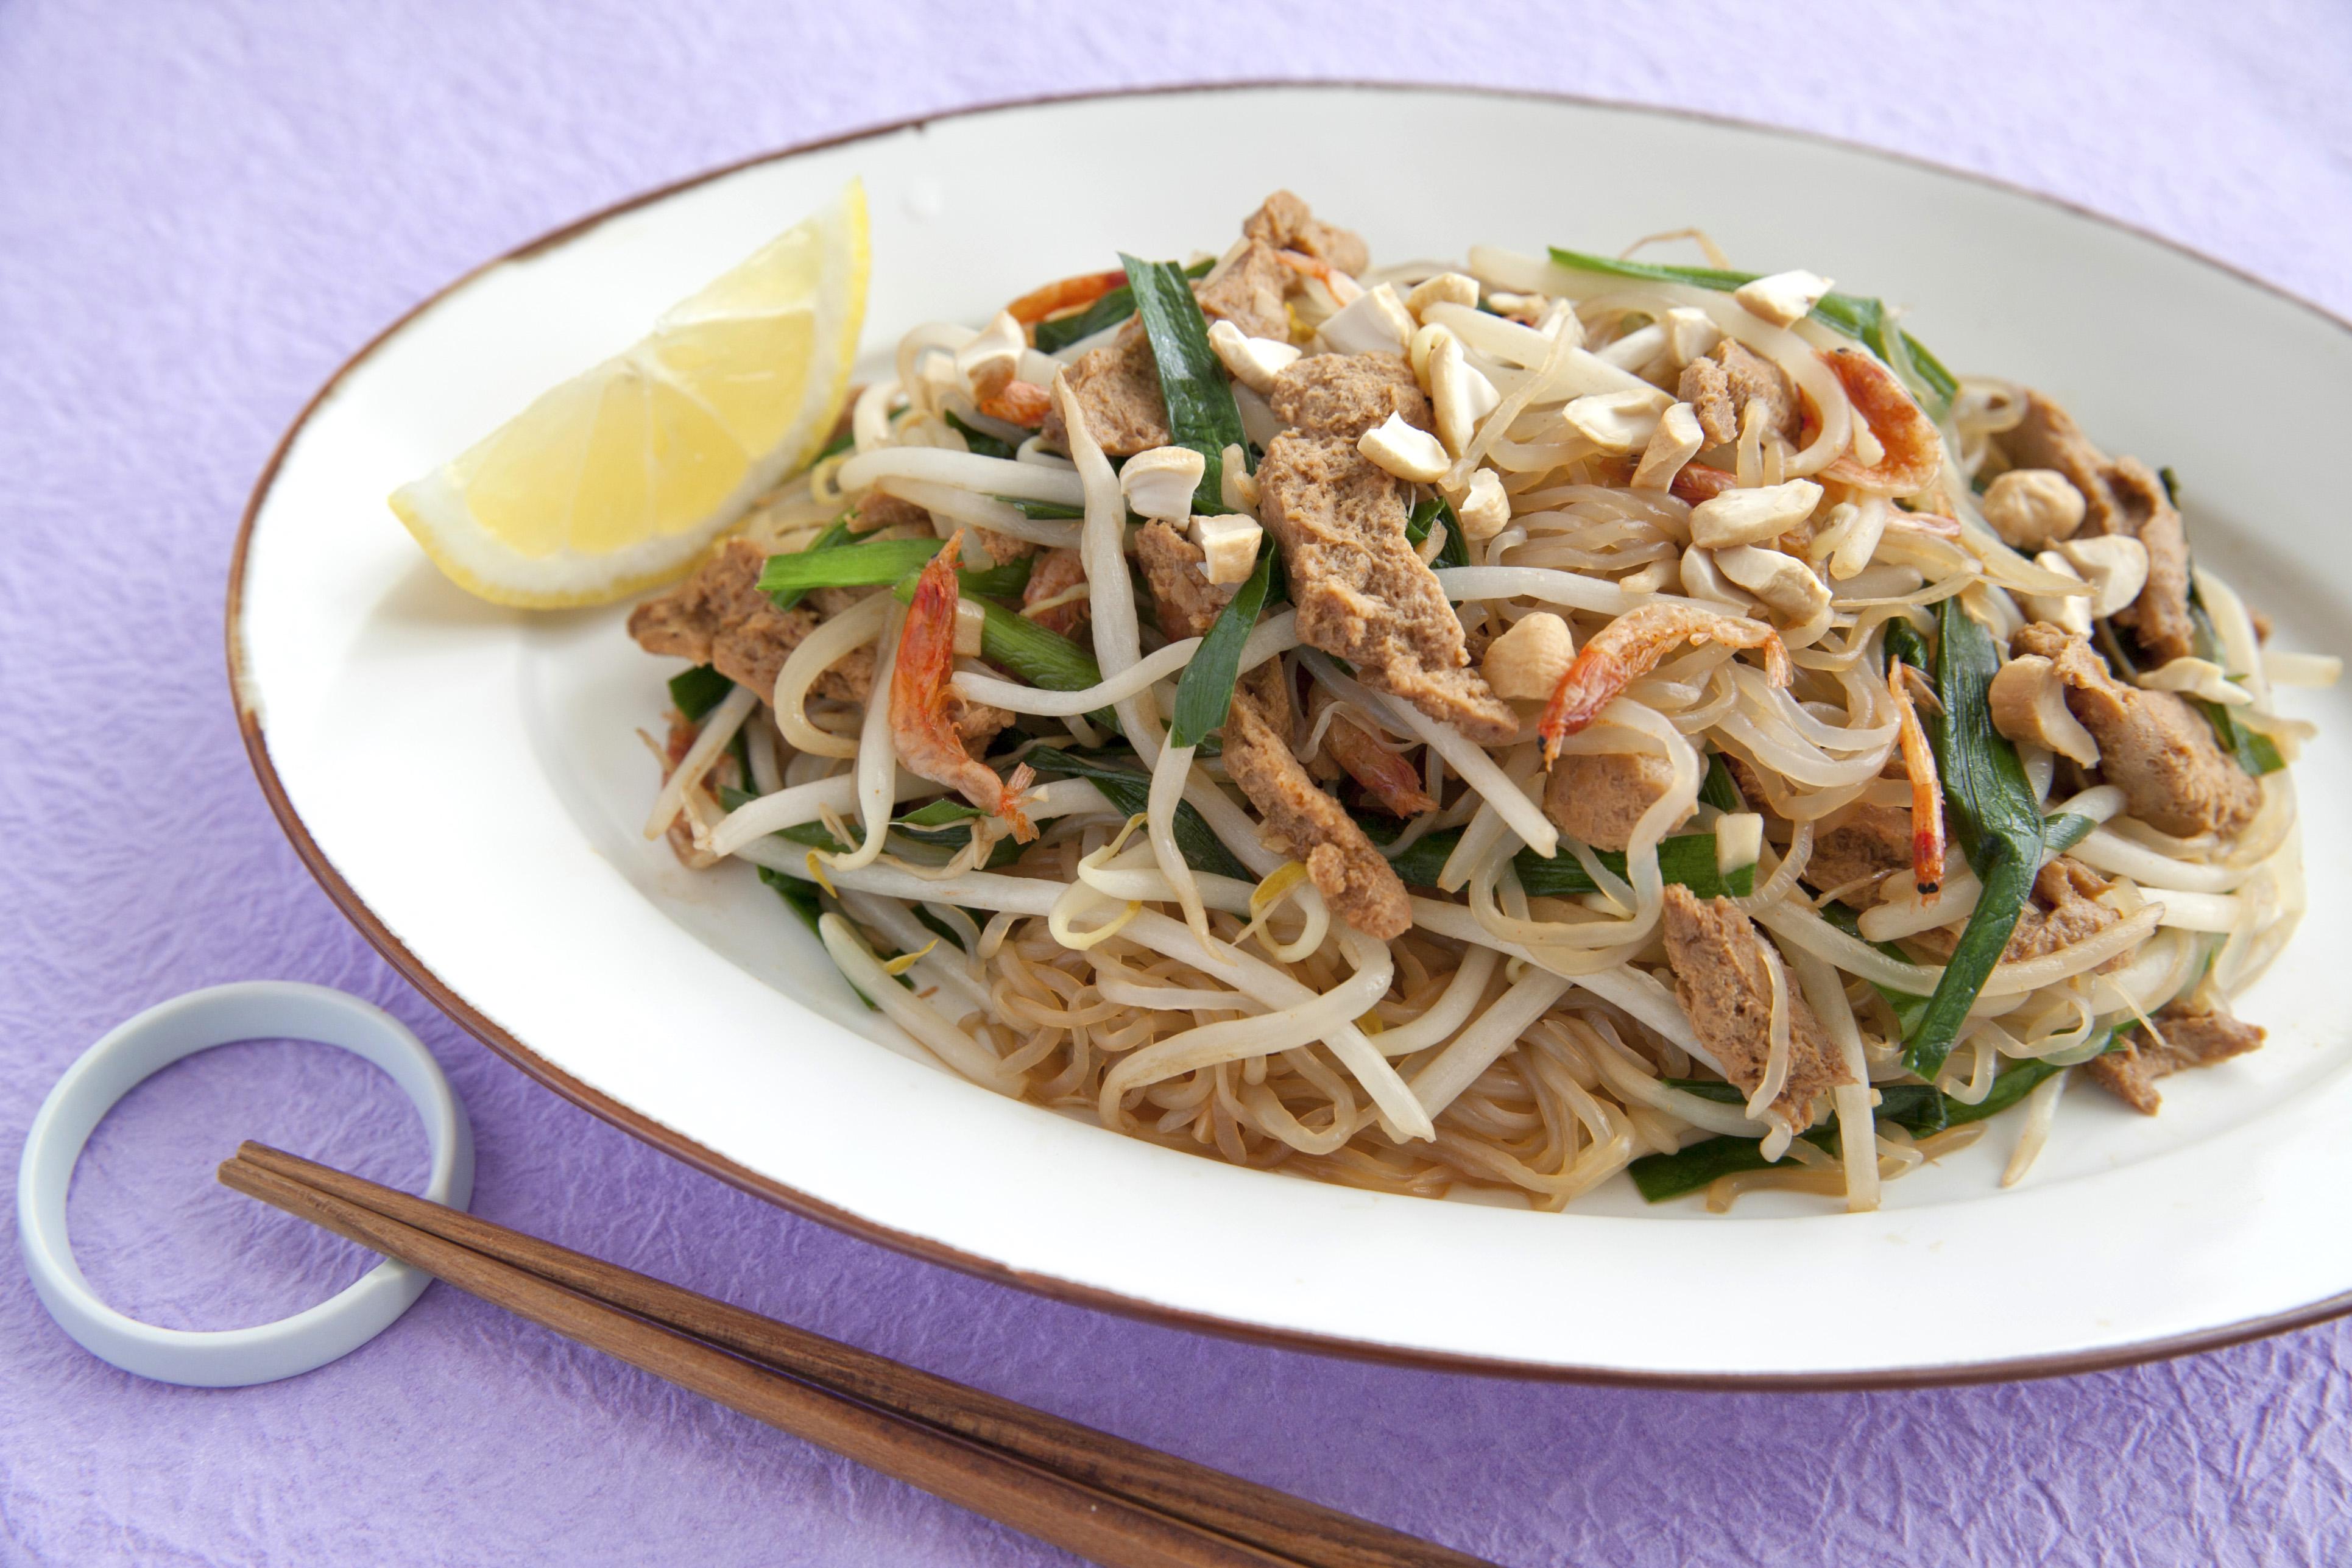 【マルコメレシピ】糖質控えめ料理!大豆のお肉としらたきでヘルシーパッタイ(タイ風焼きそば)